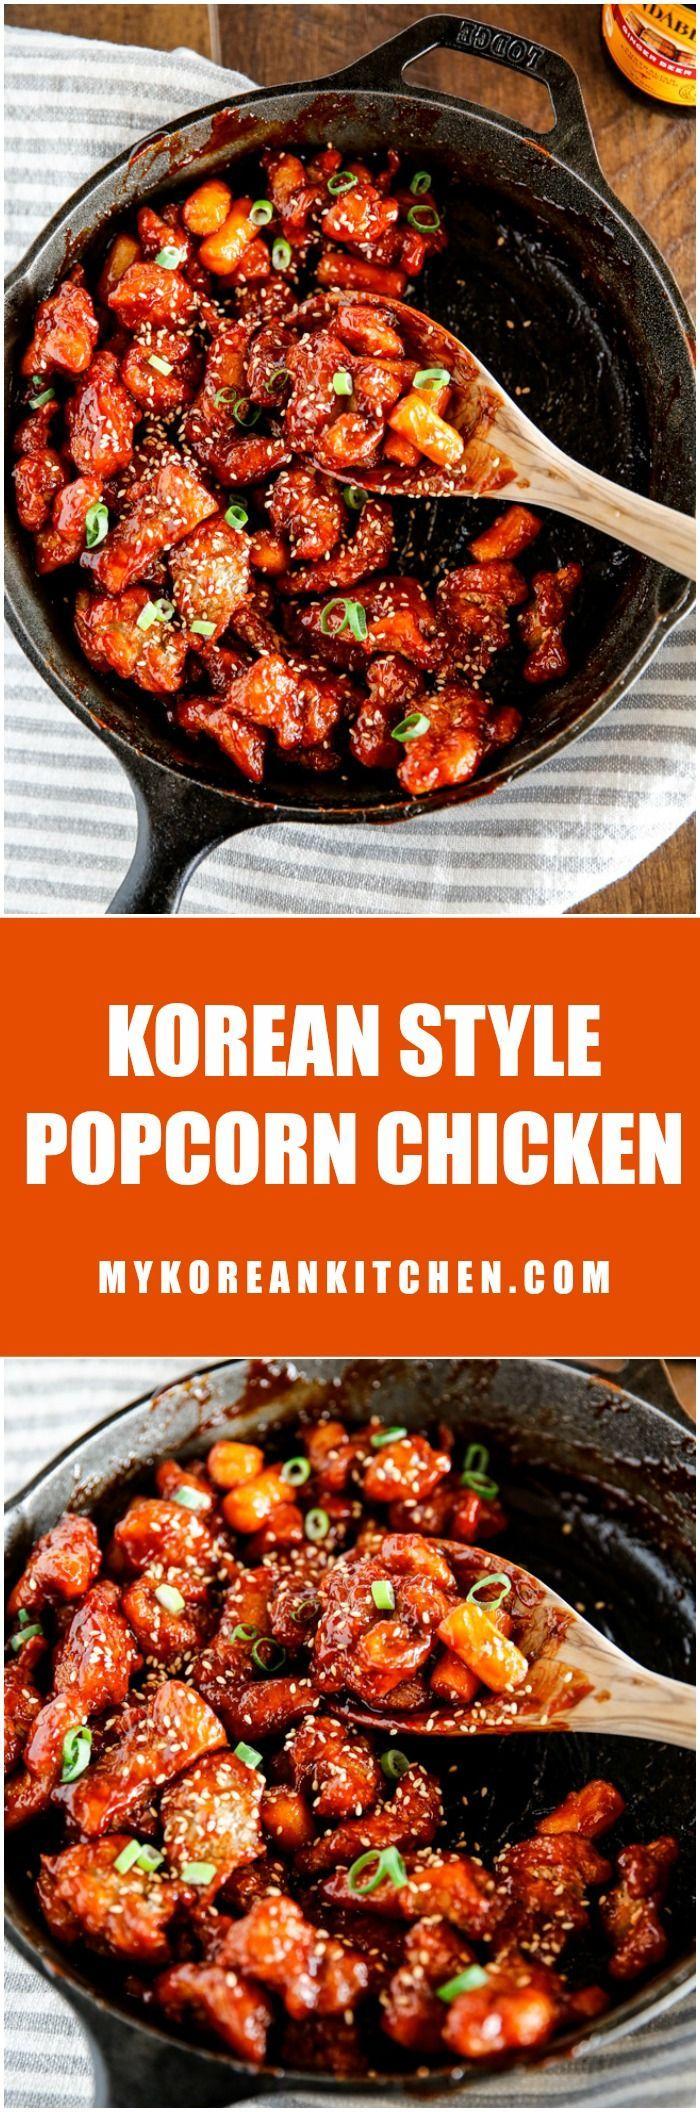 Korean Style Popcorn Chicken  Recipe  Recipe Box -8402